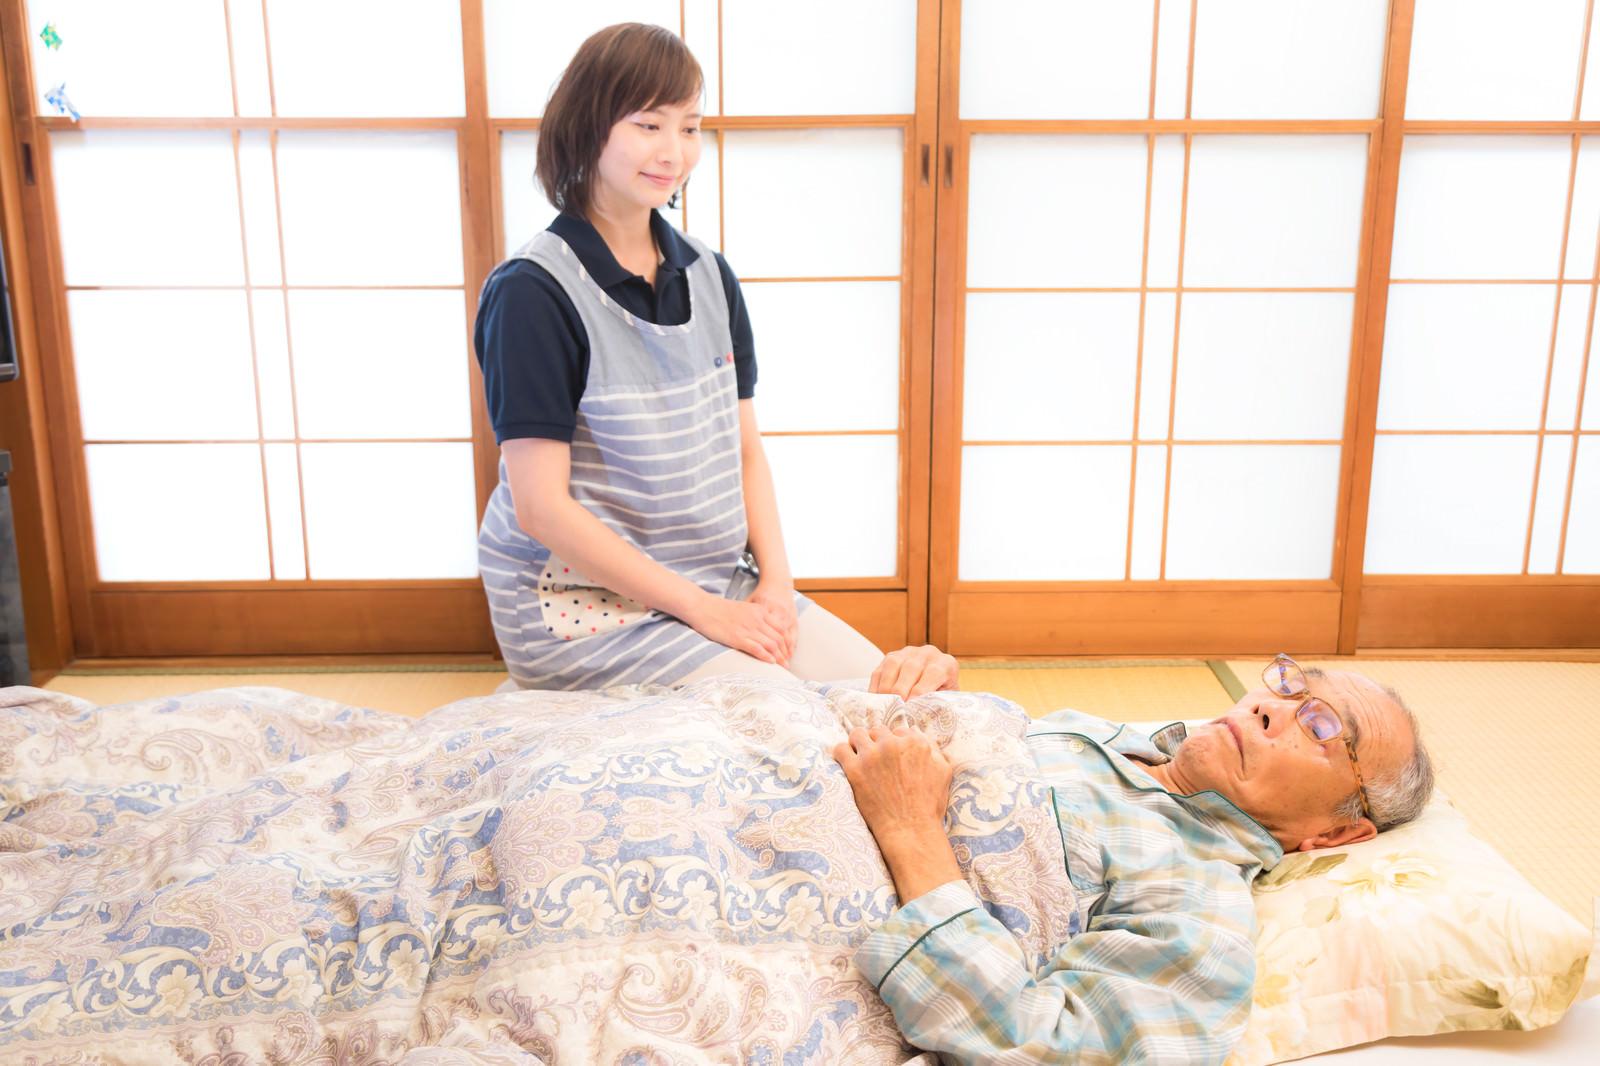 「寝たきり老人の訪問介護」の写真[モデル:まーちゃん yumiko]